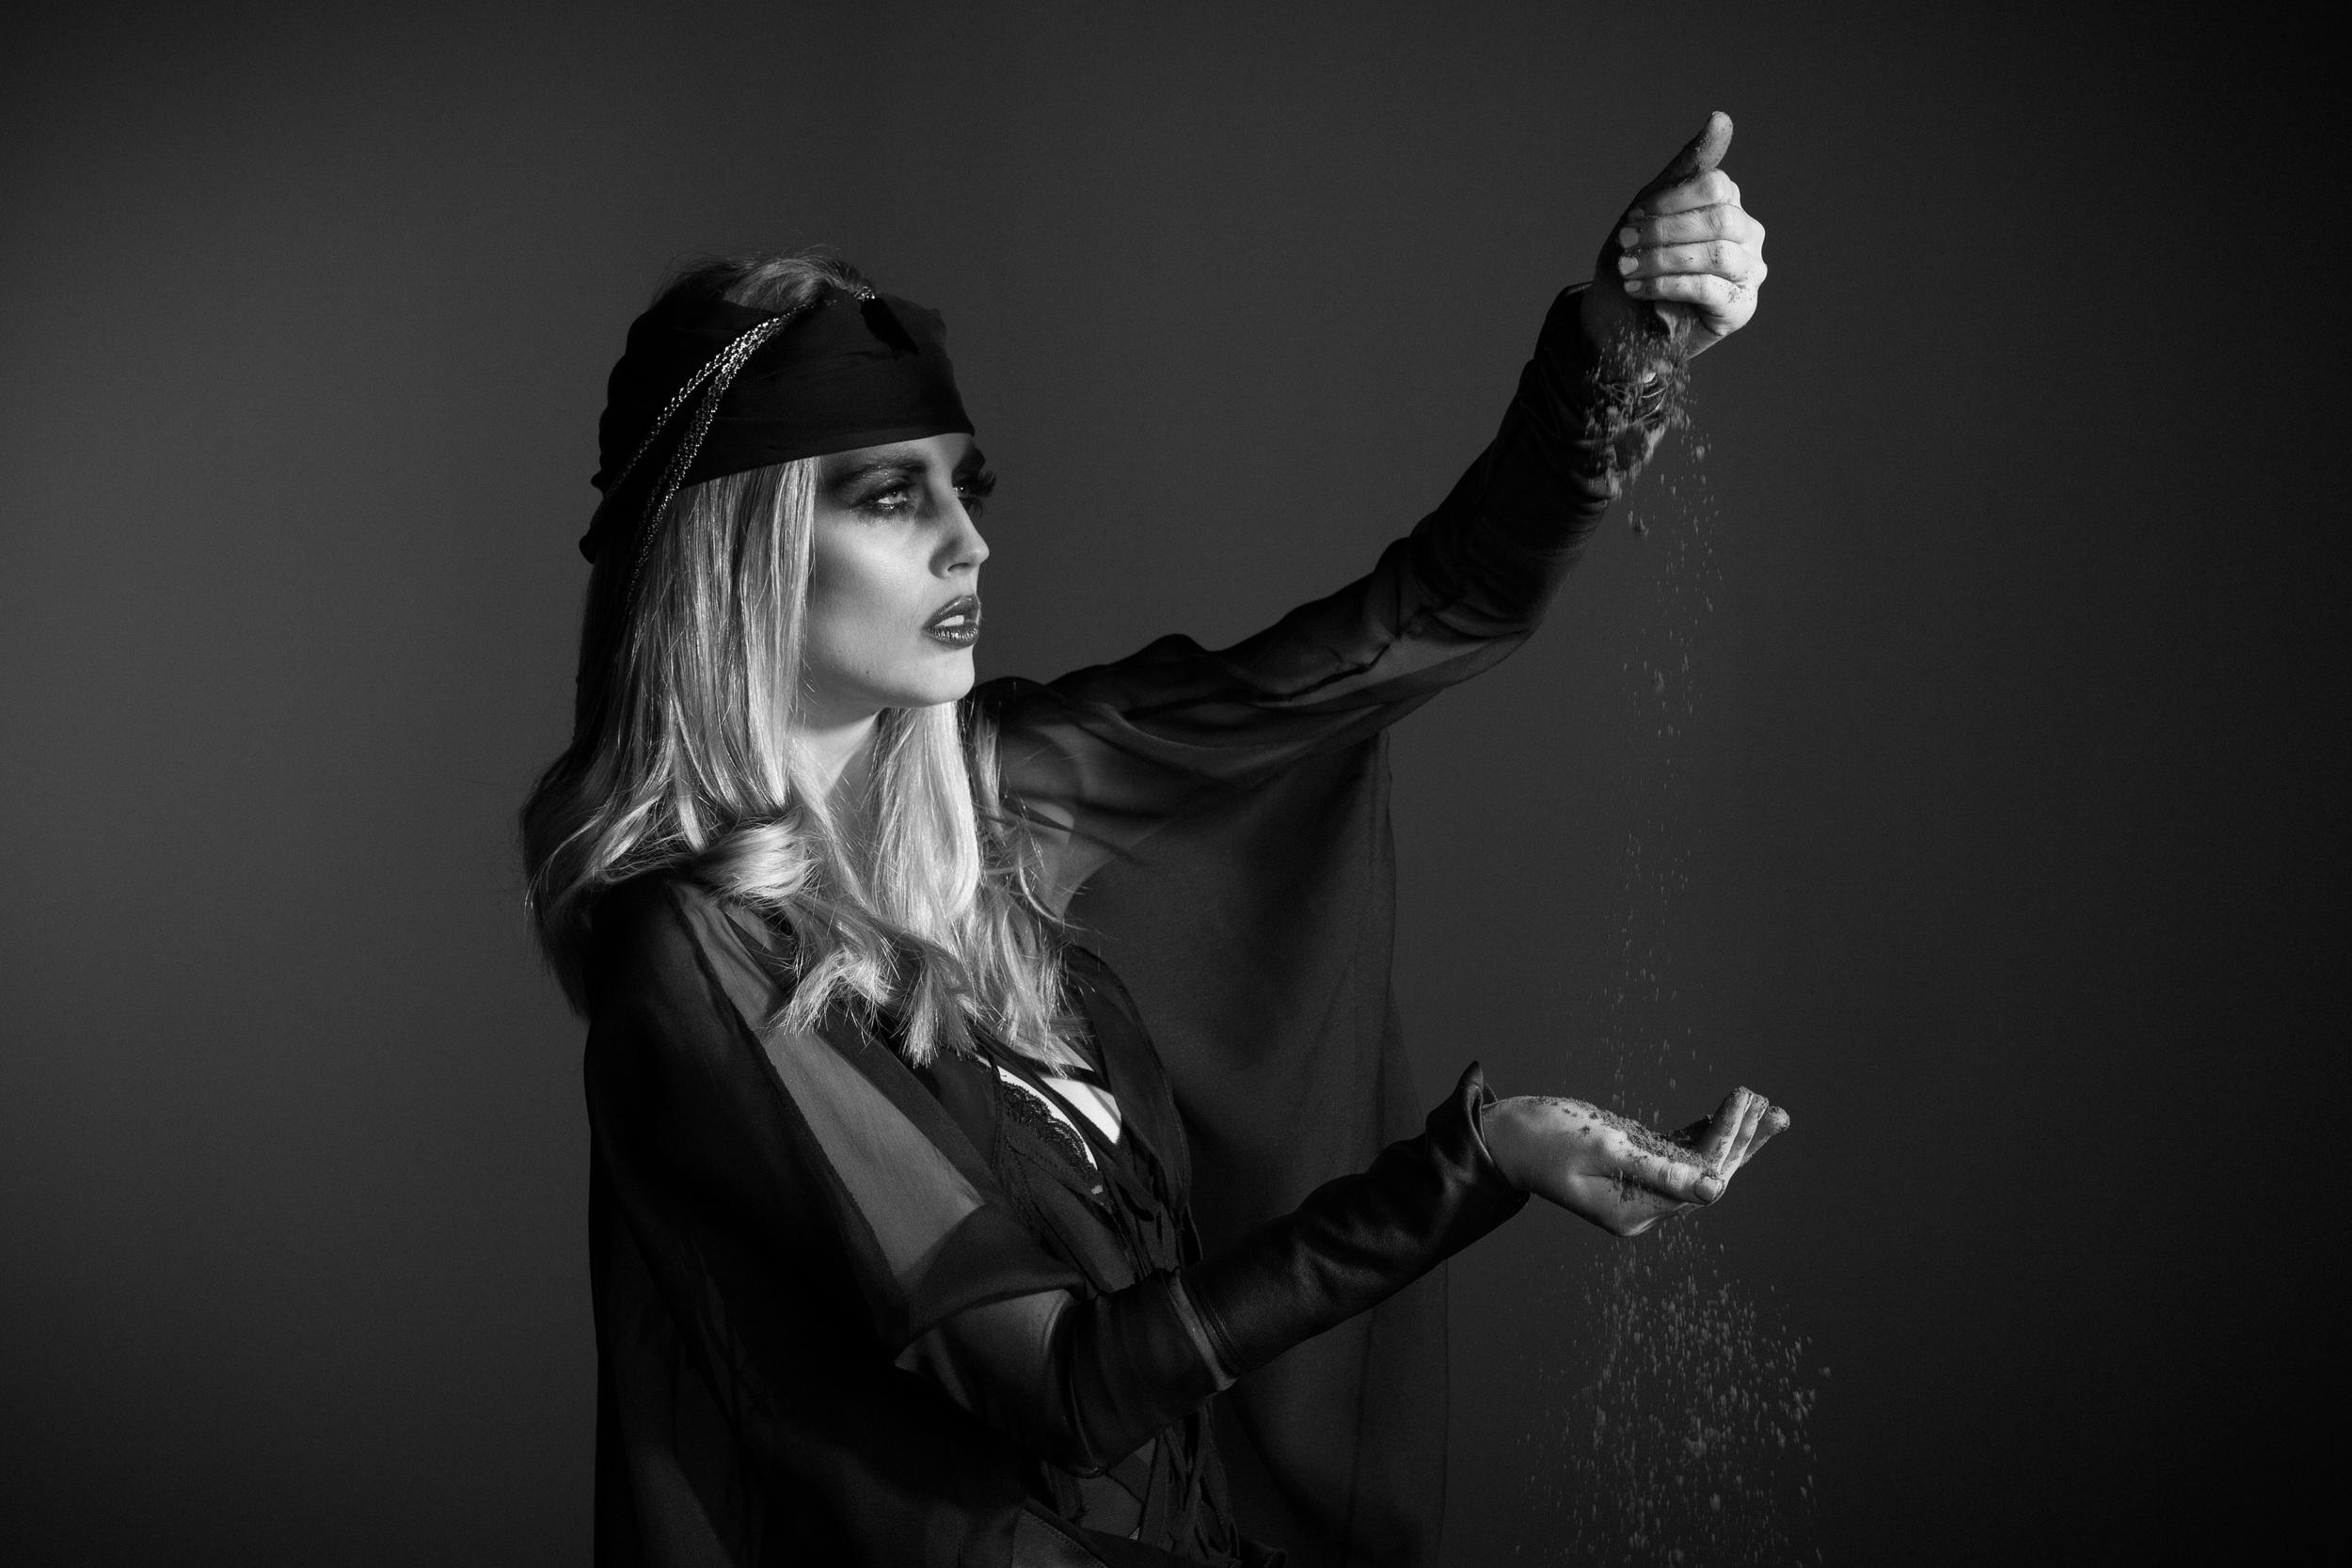 TheØrder-AW2013-IllaMagus-Editorial-11.jpg